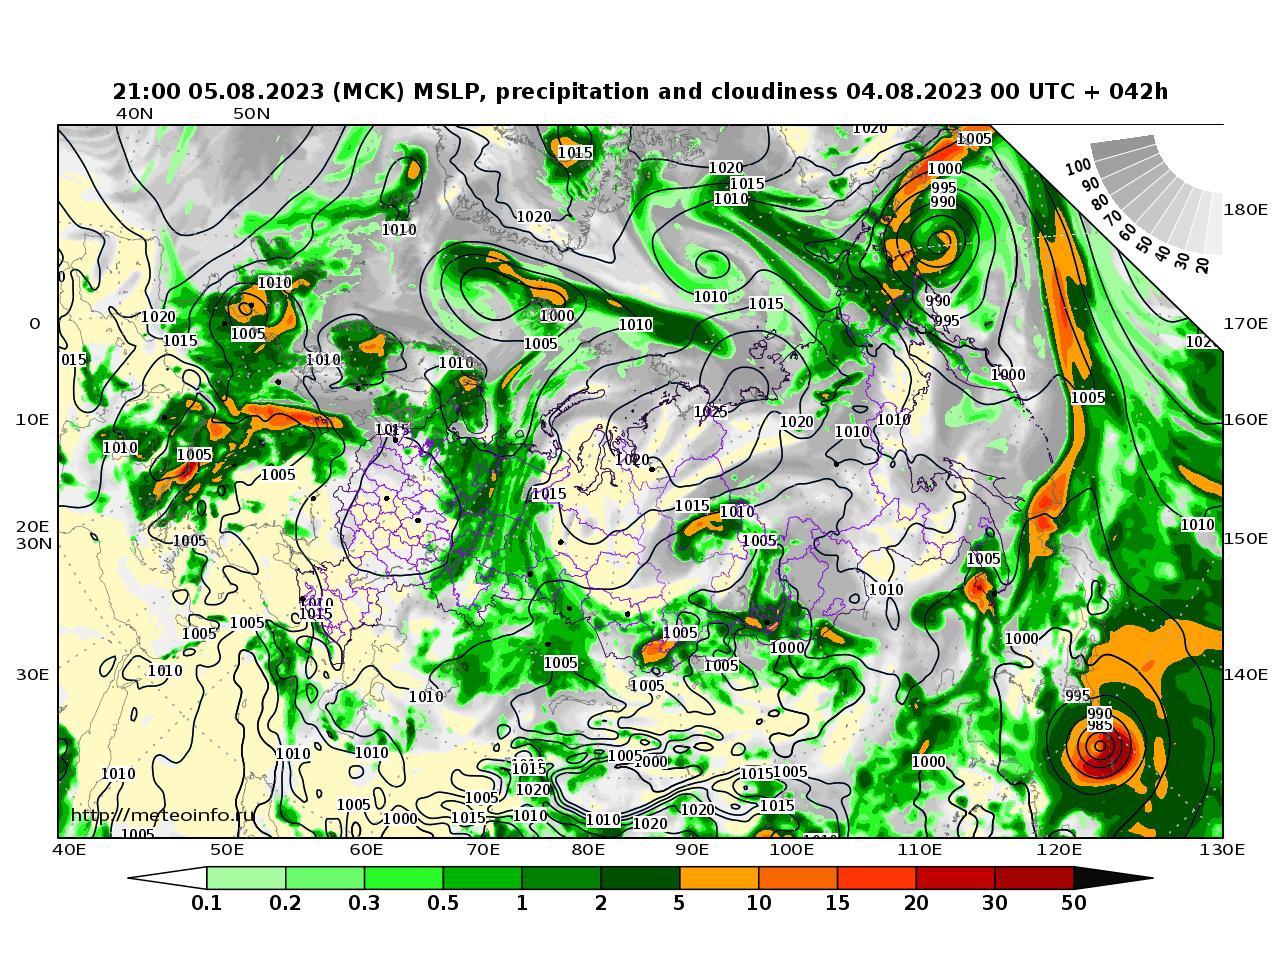 Россия, прогностическая карта осадки и давление, заблаговременность прогноза 42 часа